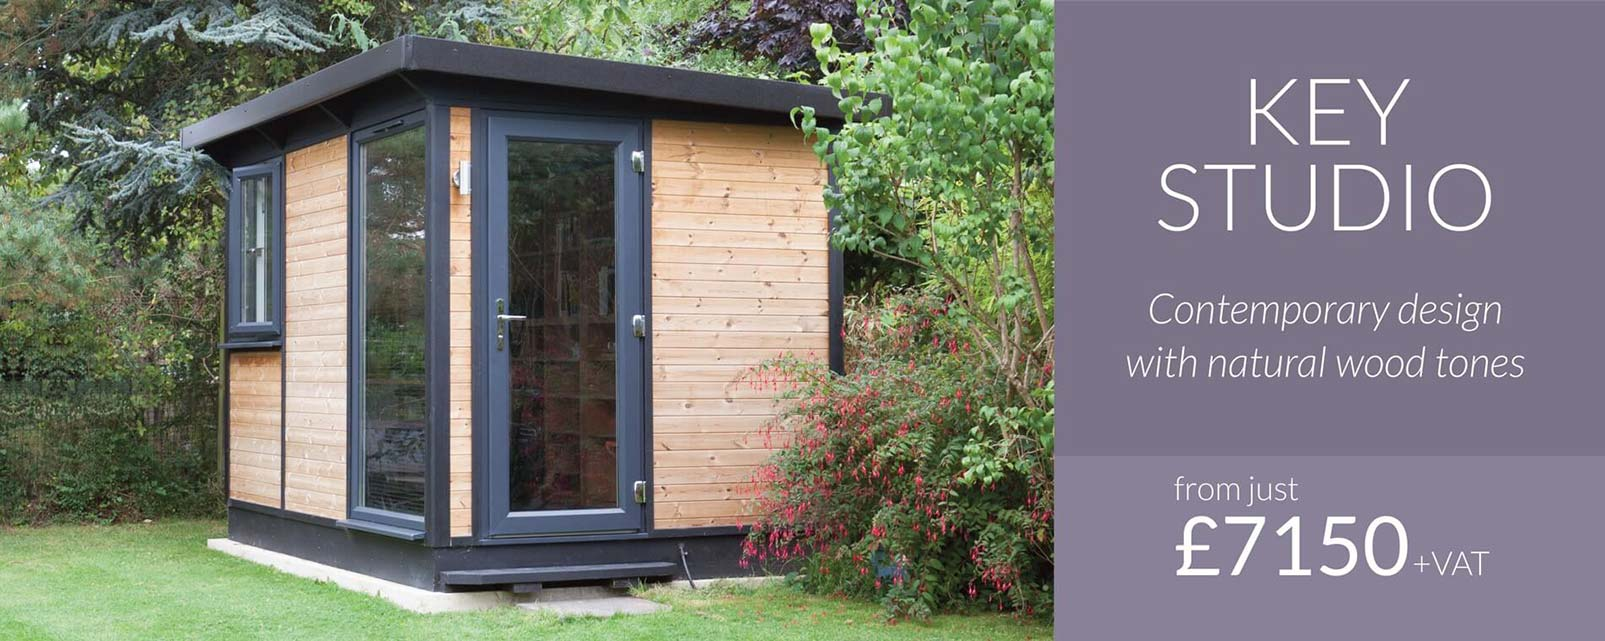 garden office 0 client. Slide Background Garden Office 0 Client